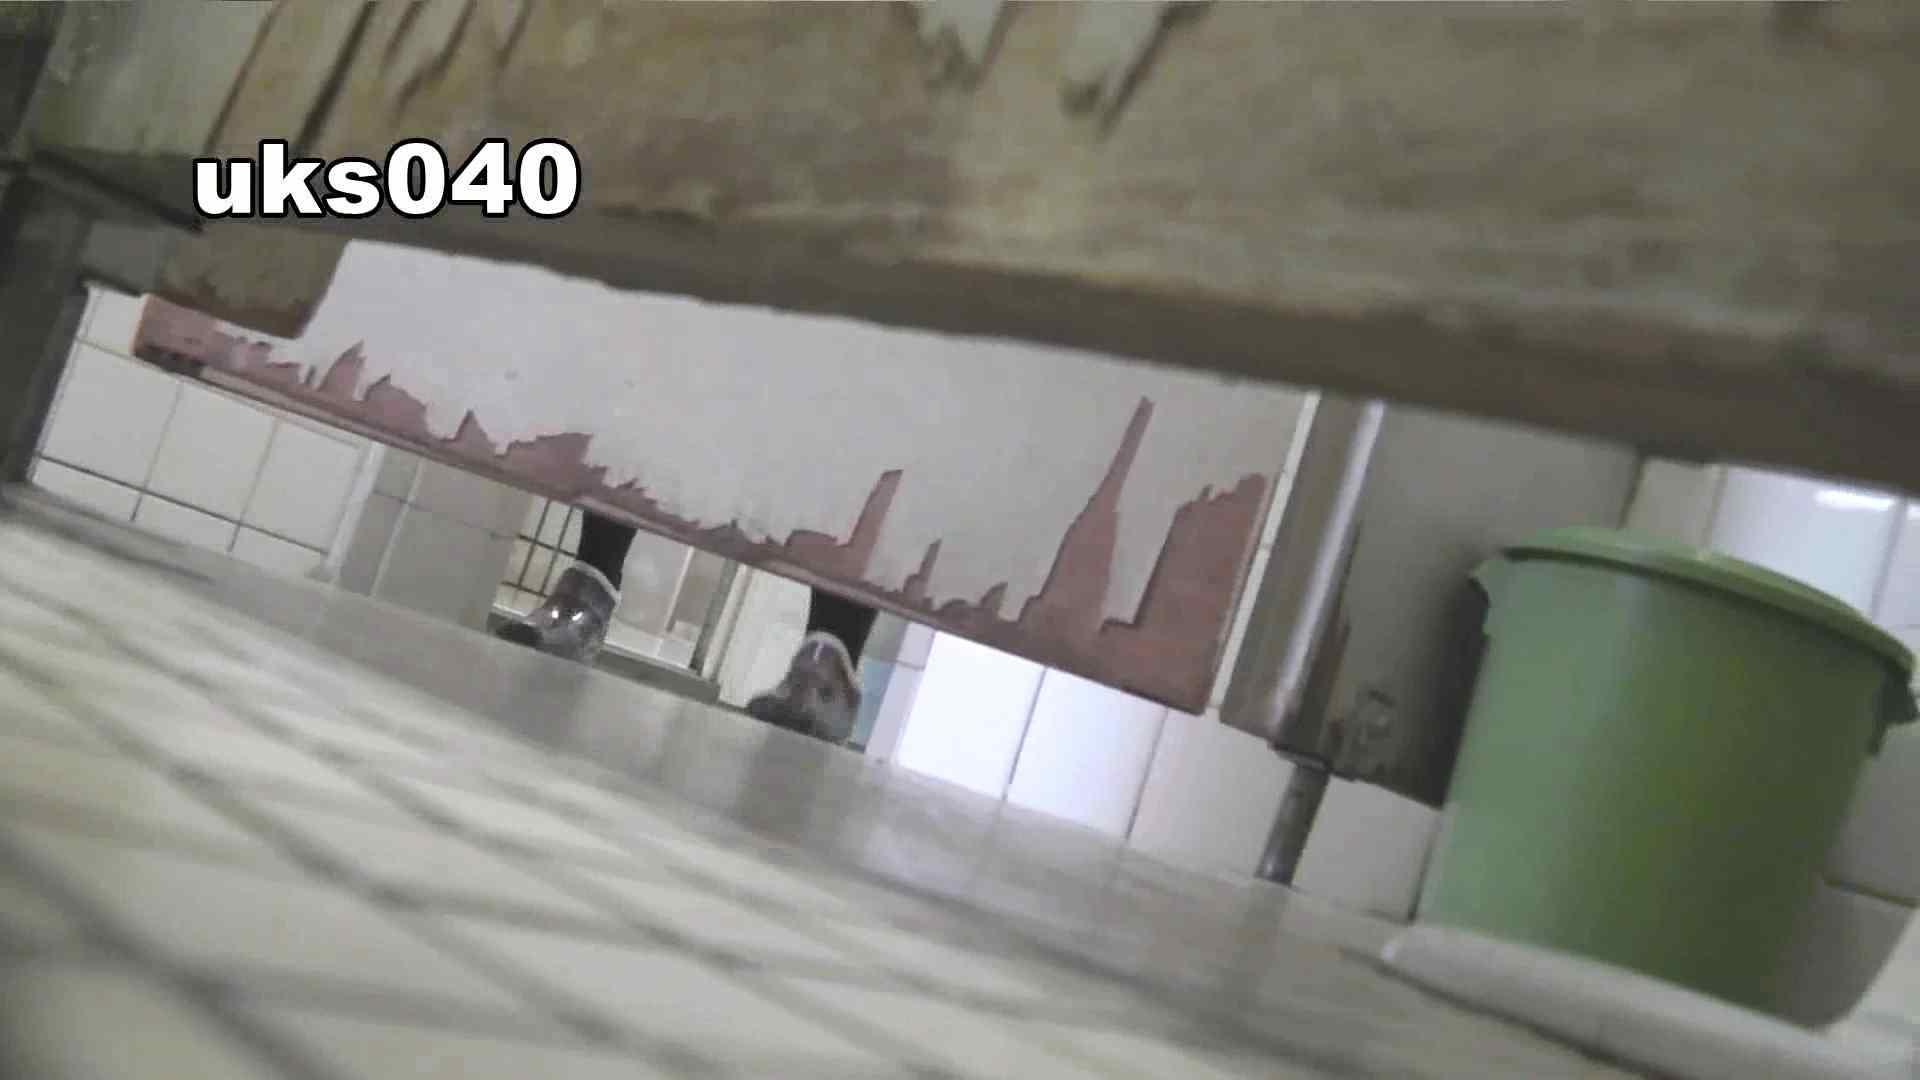 【美しき個室な世界】 vol.040 出て行かれる時の清楚姿撮り 高画質  88PIX 88